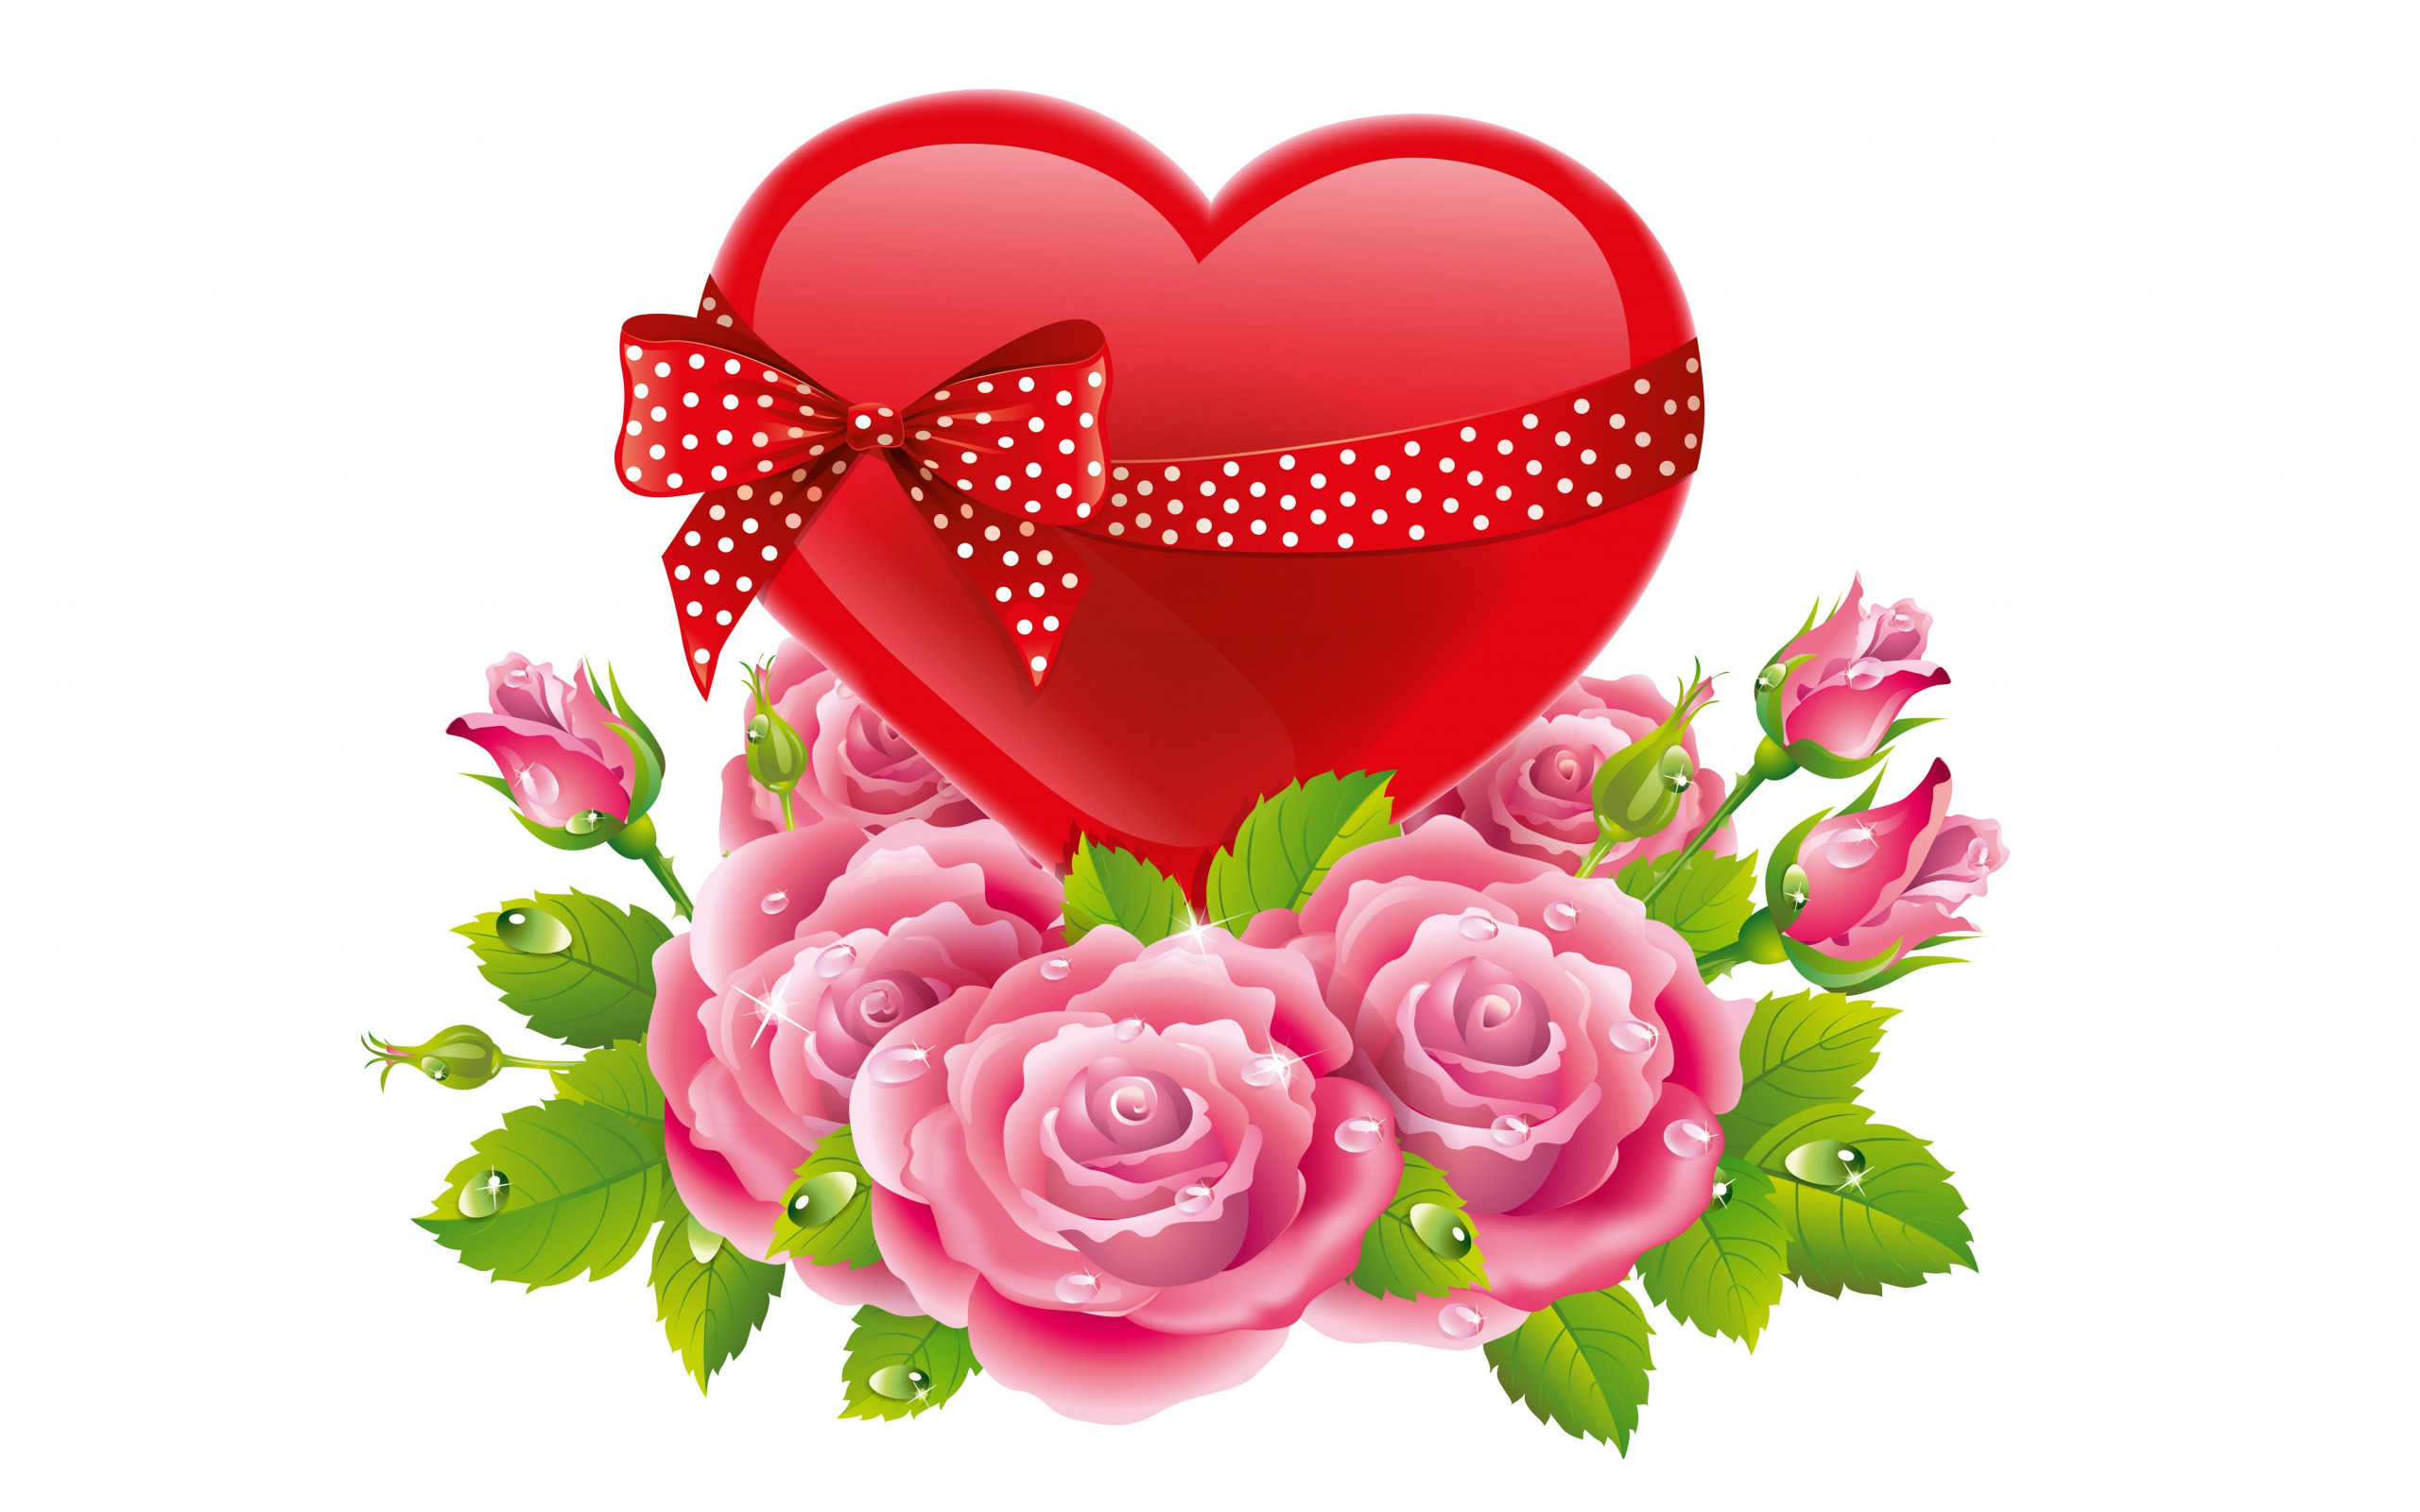 Картинки с сердечками цветами, передаривать открытки соболезнуем